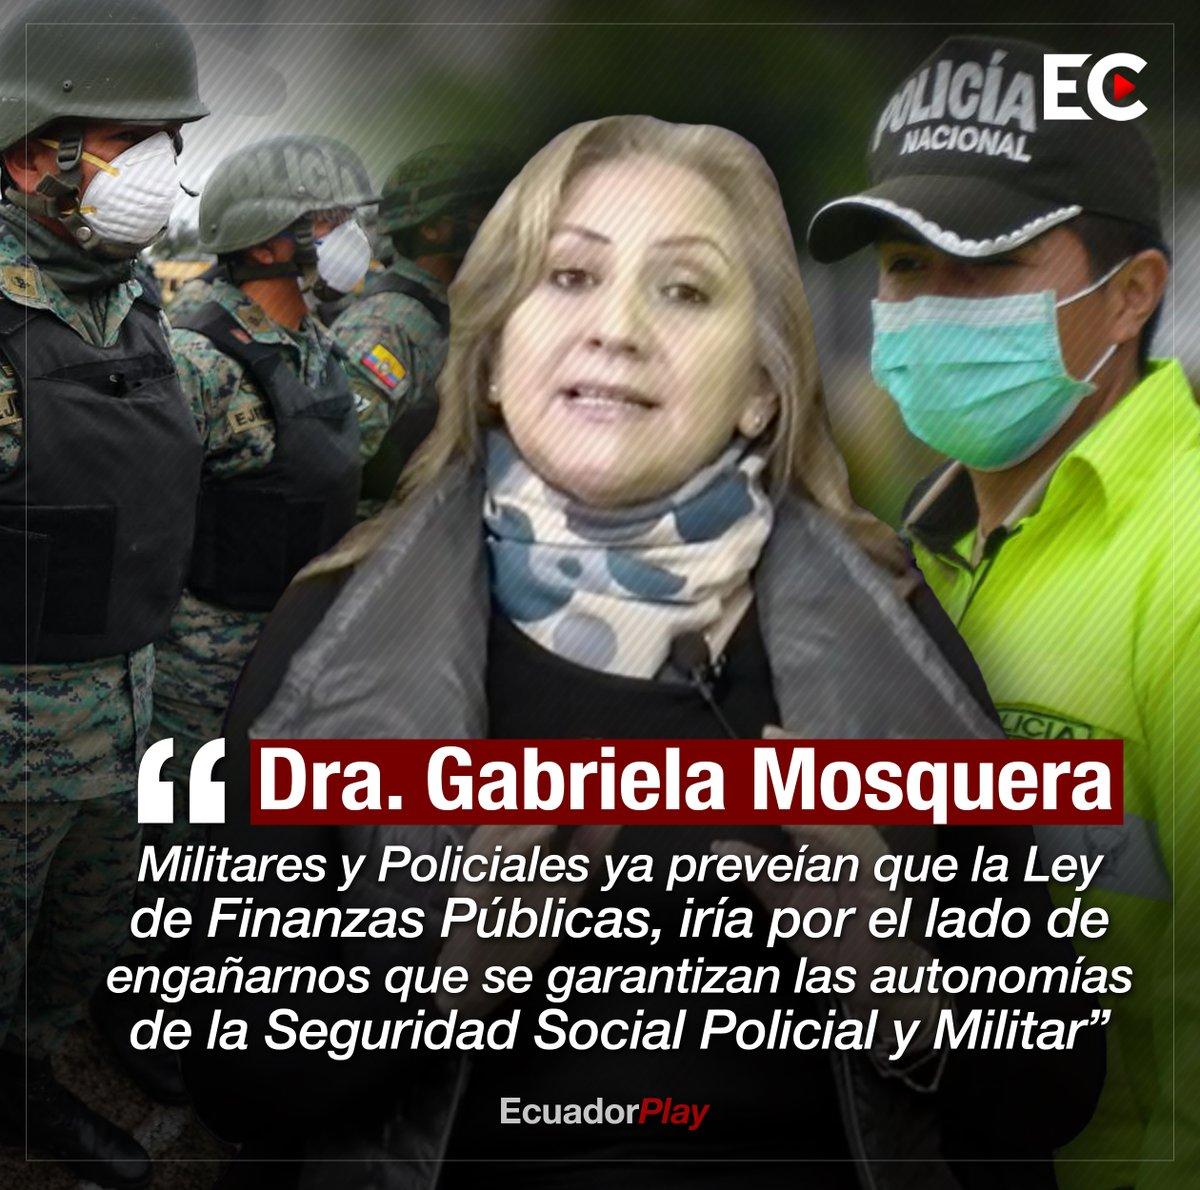 #ATENCIÓN La Doctora Gabriela Mosquera asegura que se habría perdido autonomía en el manejo de los recursos de la Seguridad Social de la Policía y Fuerzas Armadas. ⬇️ https://t.co/7ZeKbY6yIF